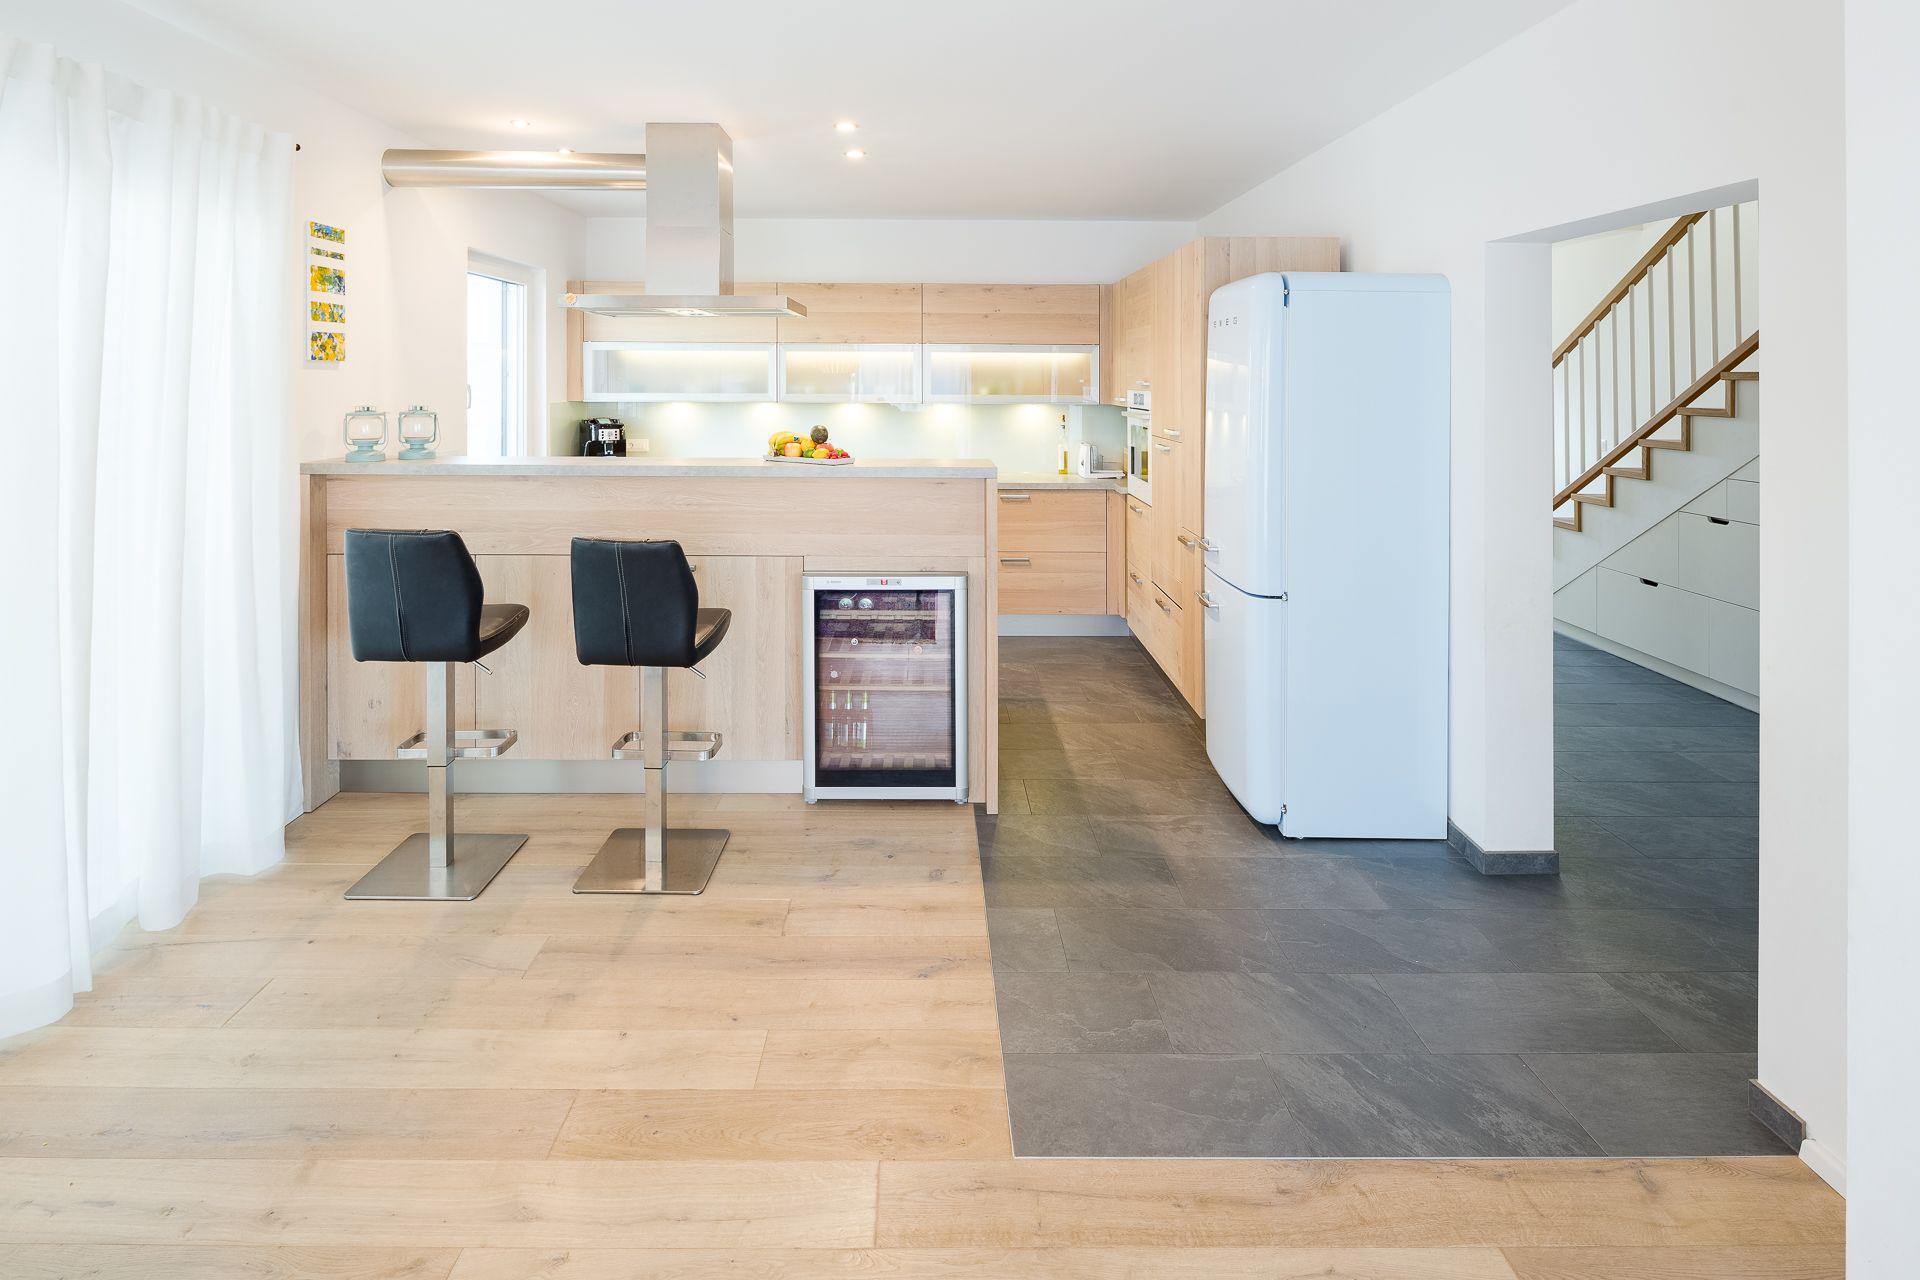 Küche mit holzfronten und freistehendem retro kühlschrank